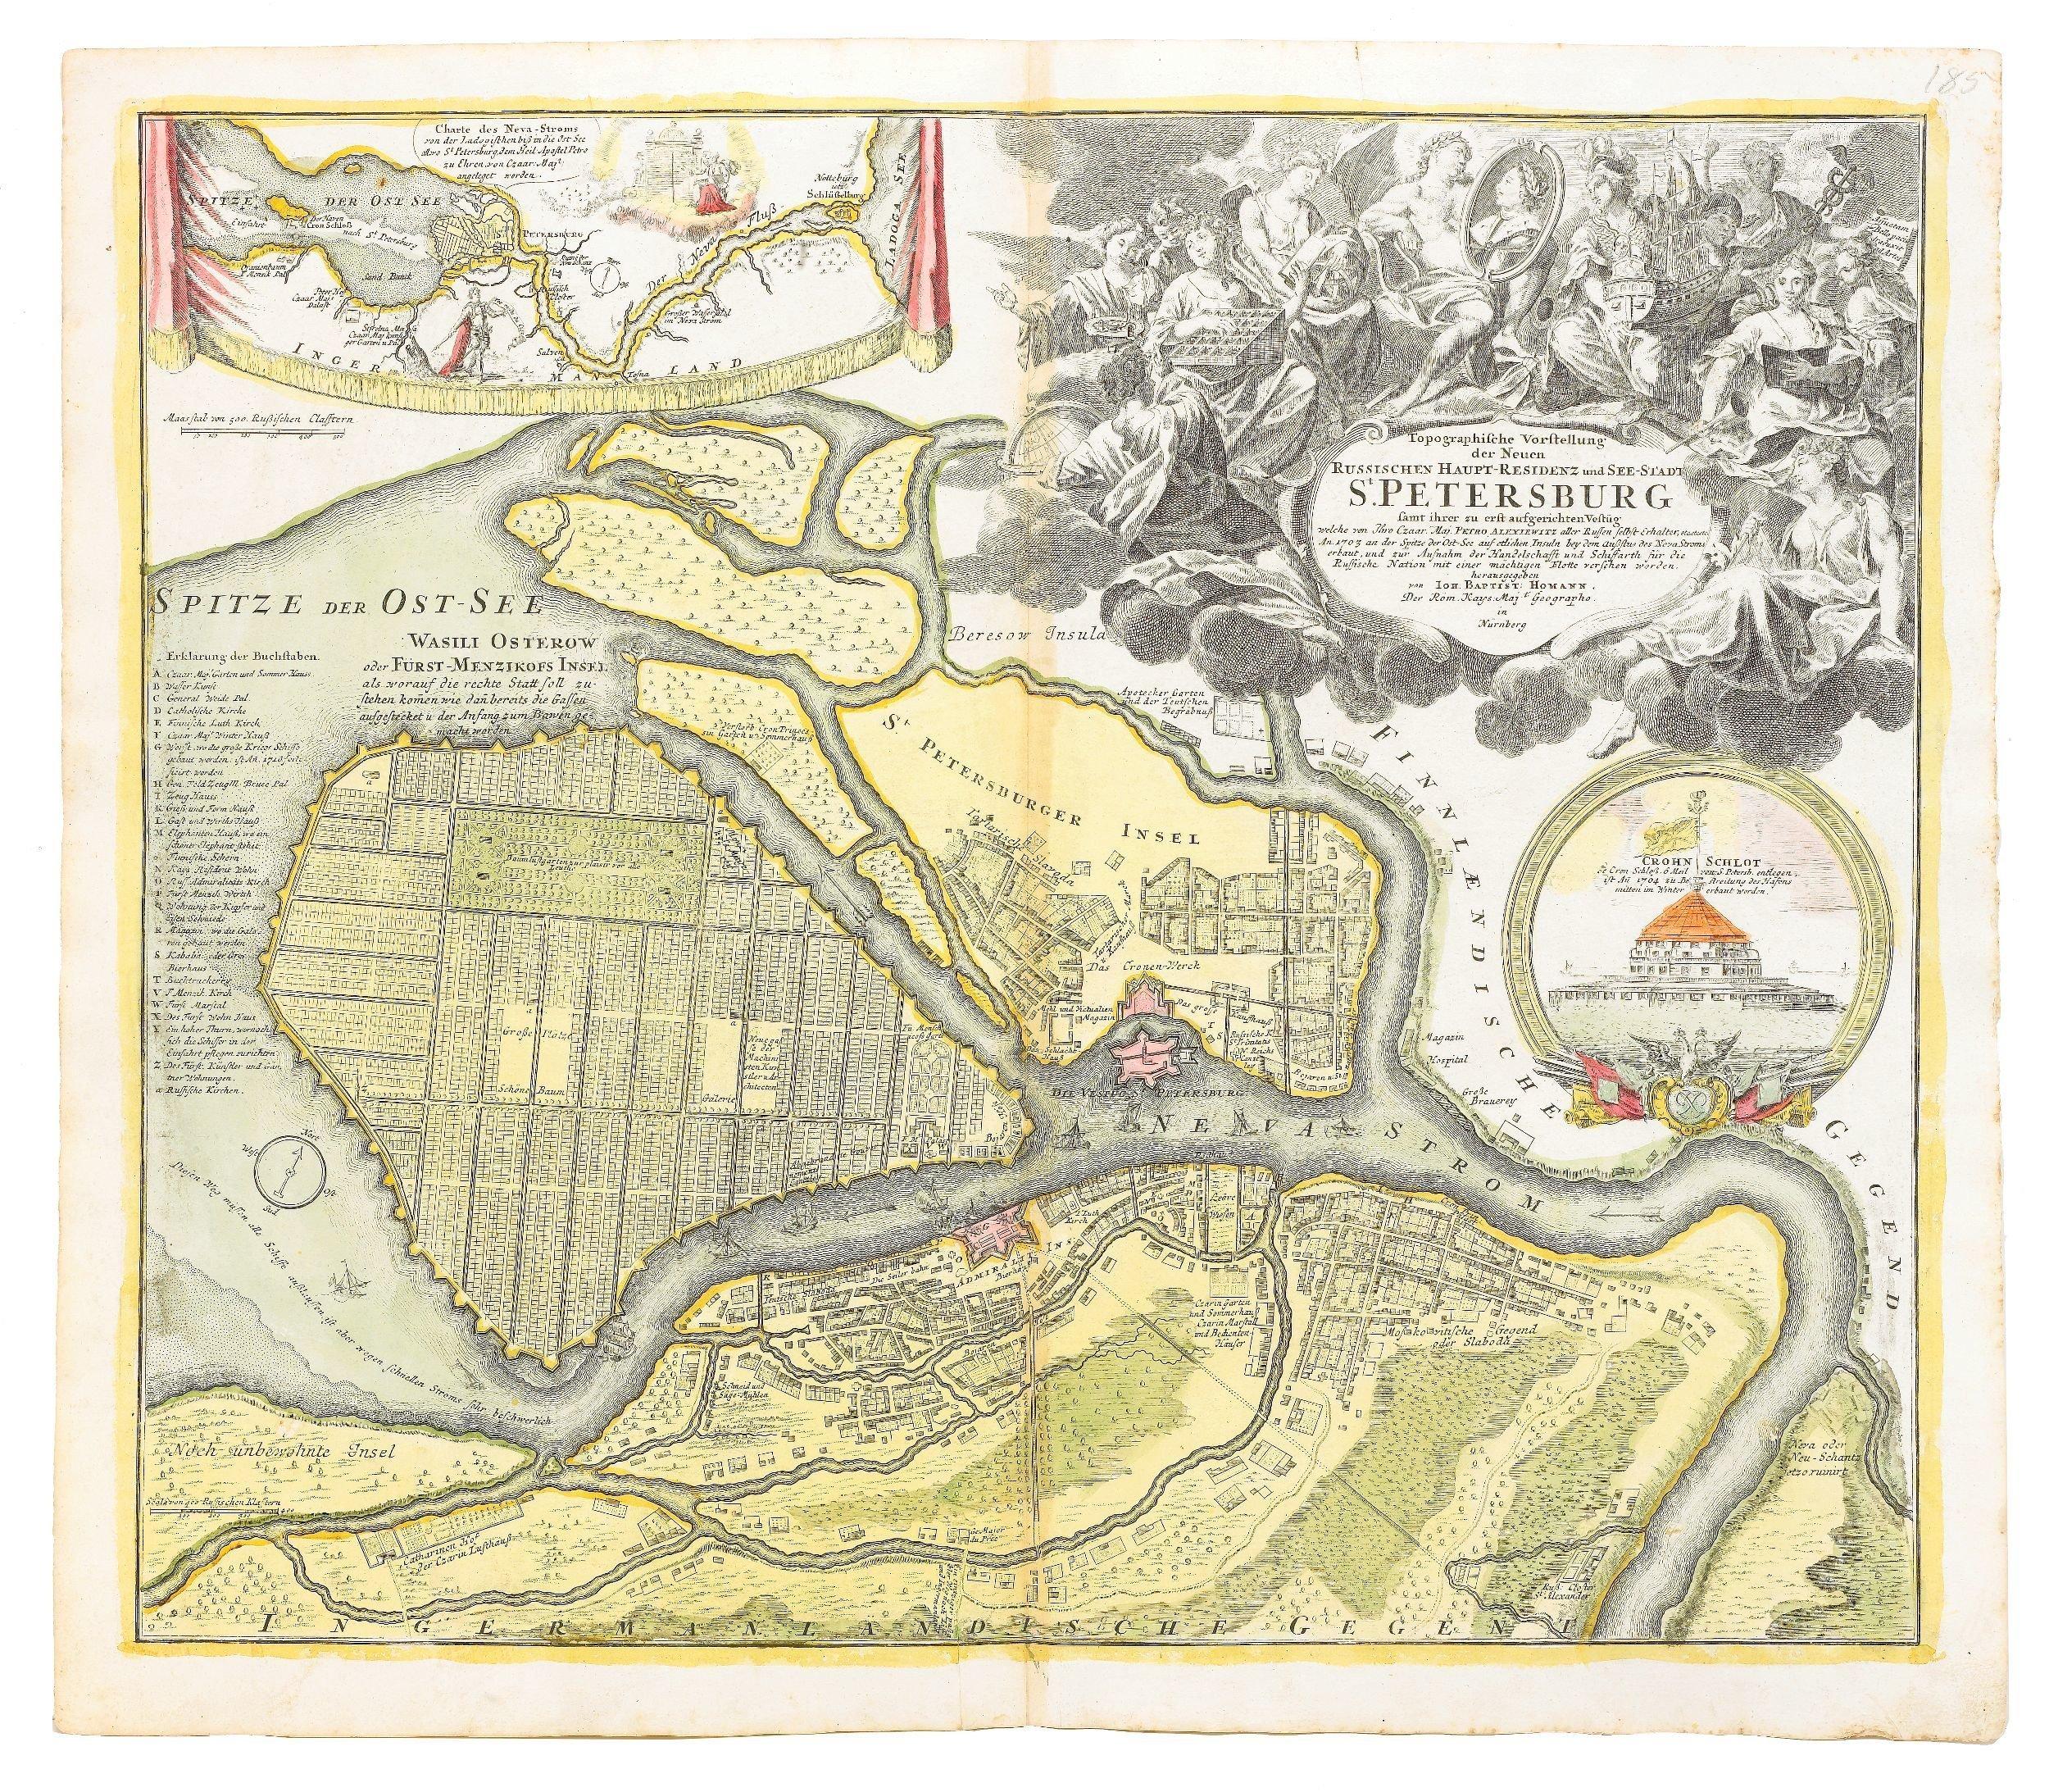 Карта 1720 года СПб, древние карты, карты, карты Питера, редкие карты, санкт-петербург